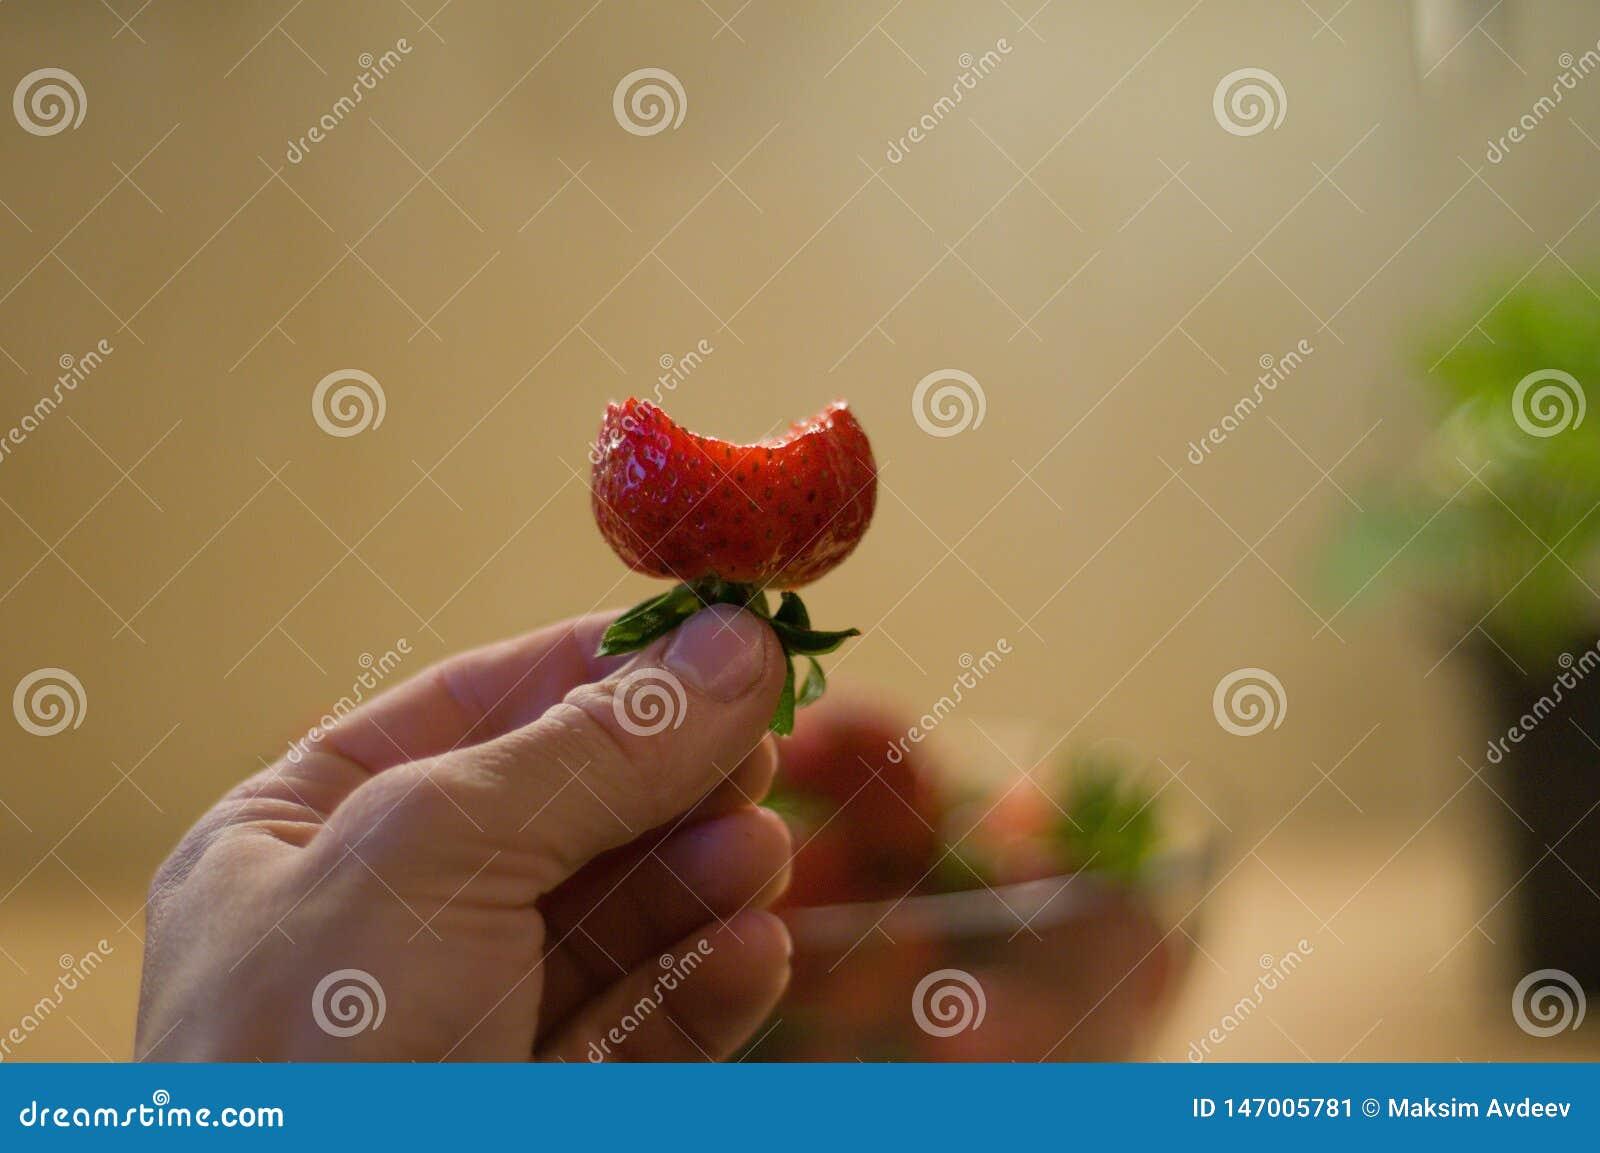 Jordgubbe i kruka på bakgrund och bet bär i hand